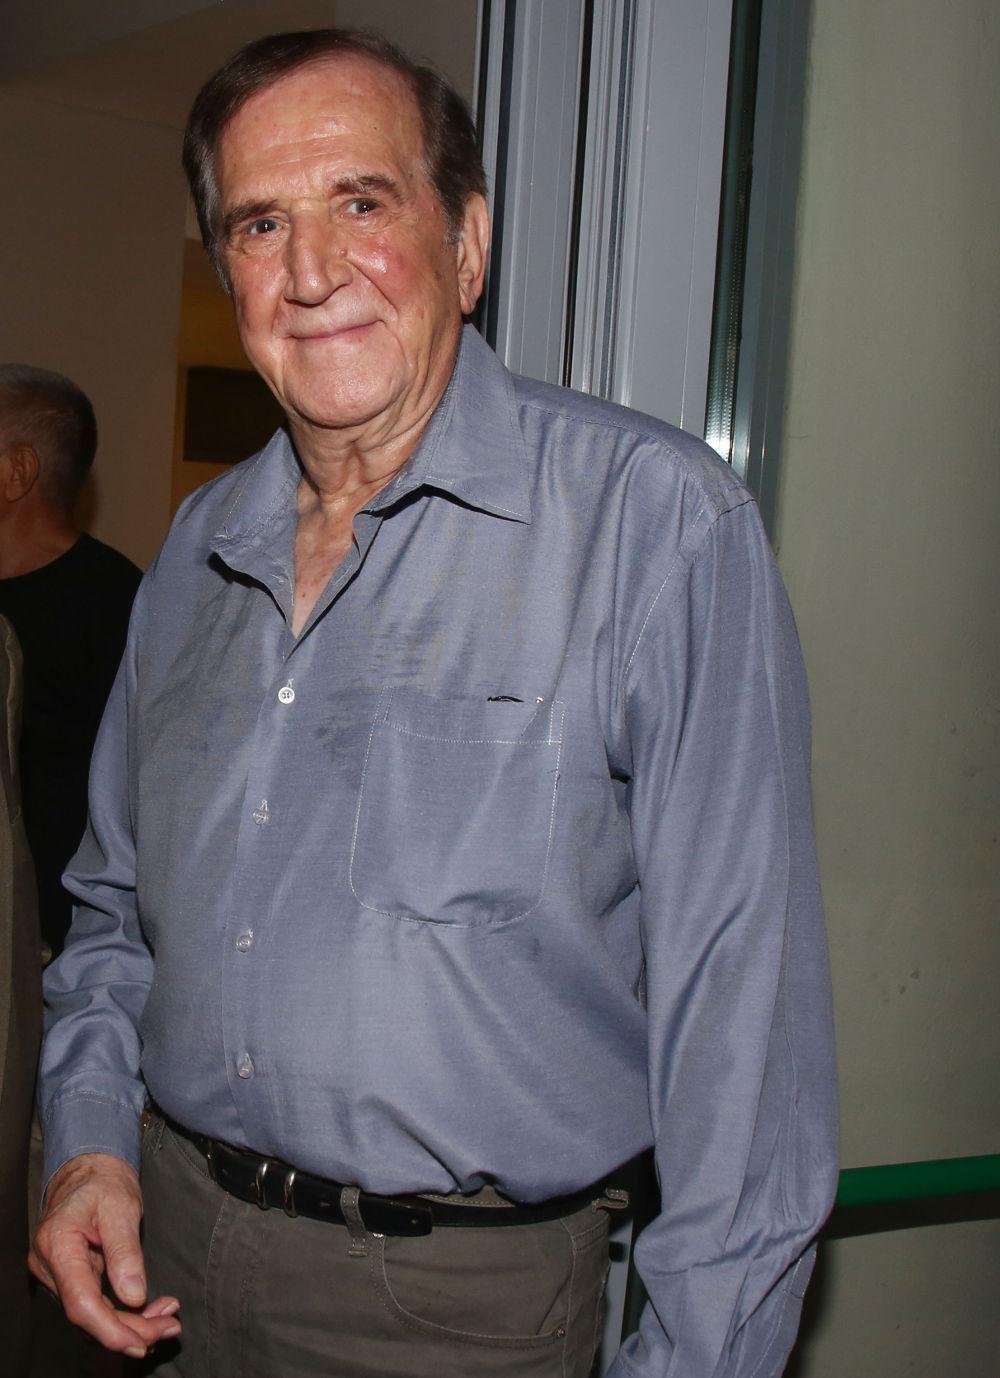 Ο ηθοποιός Γιώργος Κωνσταντίνου με μπλε πουκάμισο σε πρόσφατη δημόσια εμφάνισή του